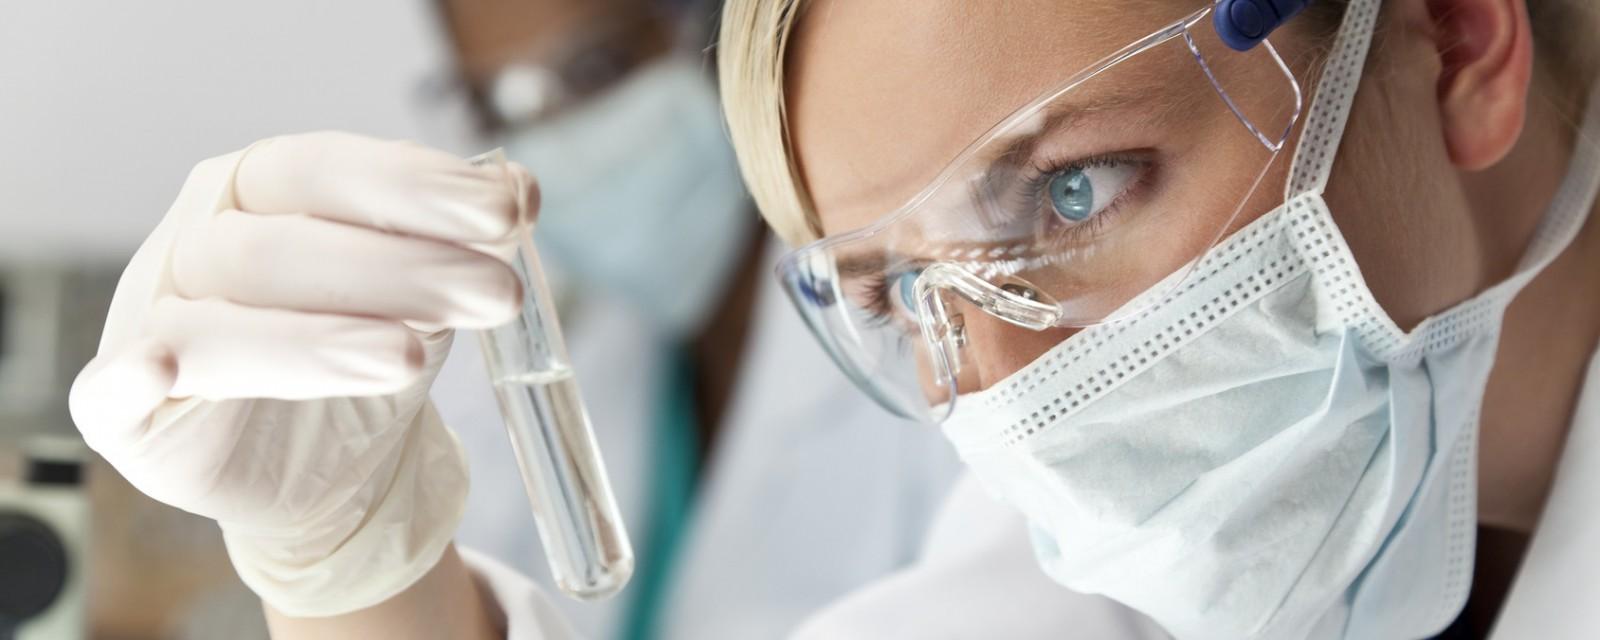 Химический анализ воды. Исследования воды в Киеве